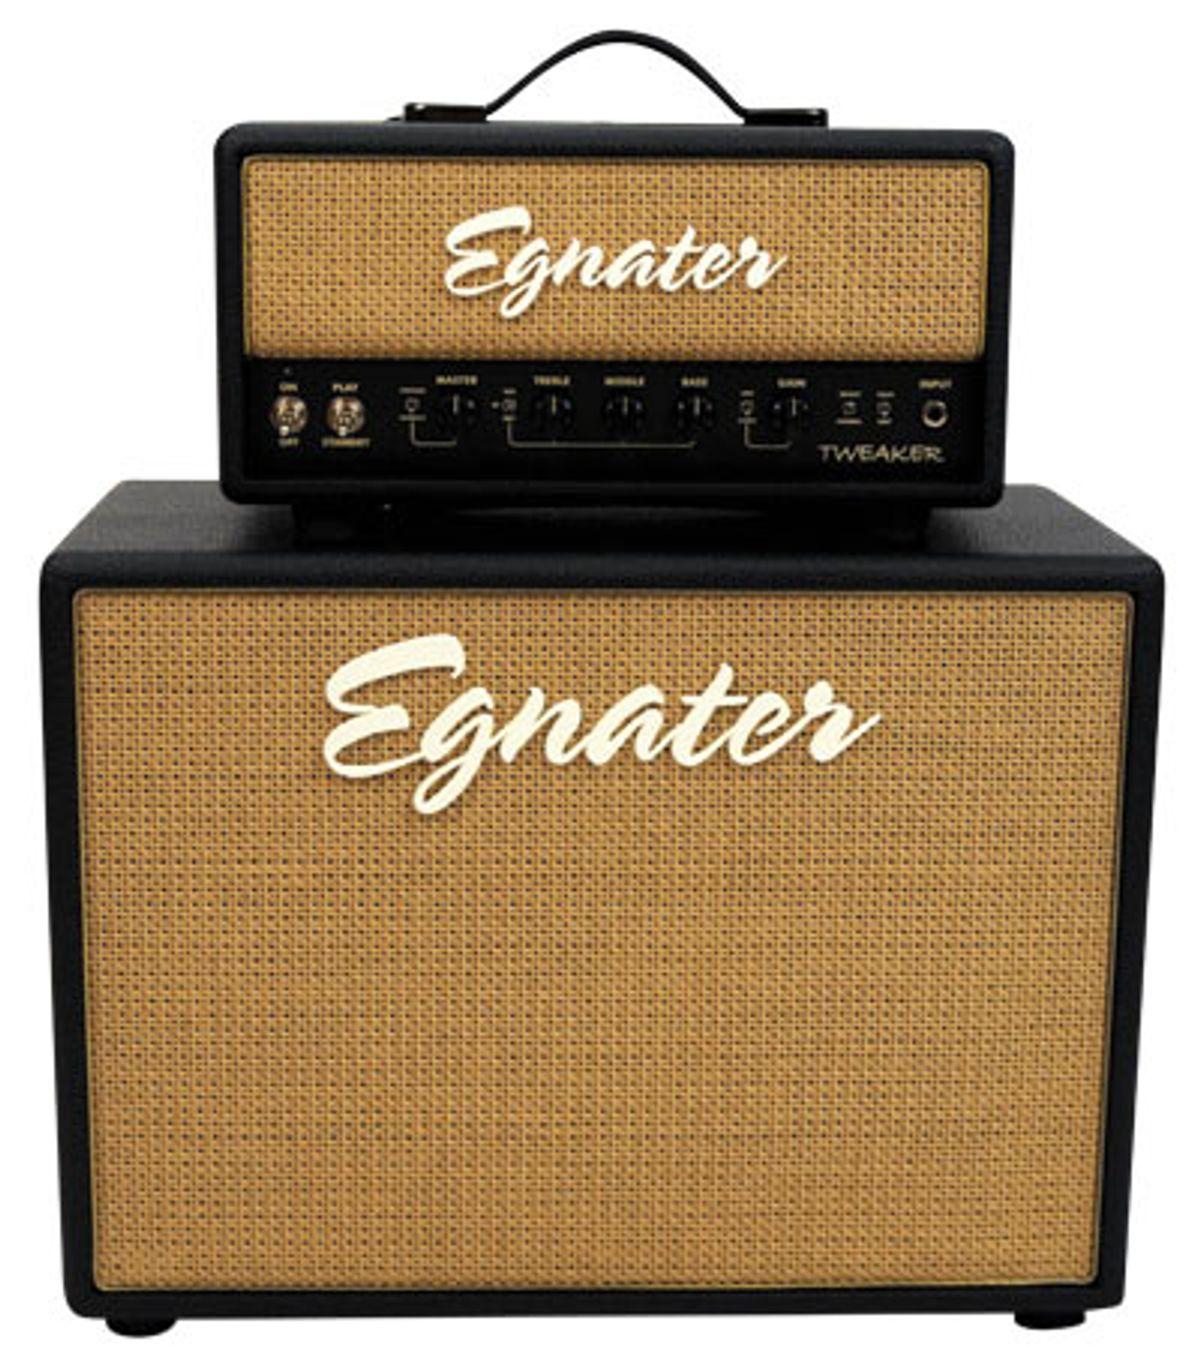 Egnater Tweaker Amp Review